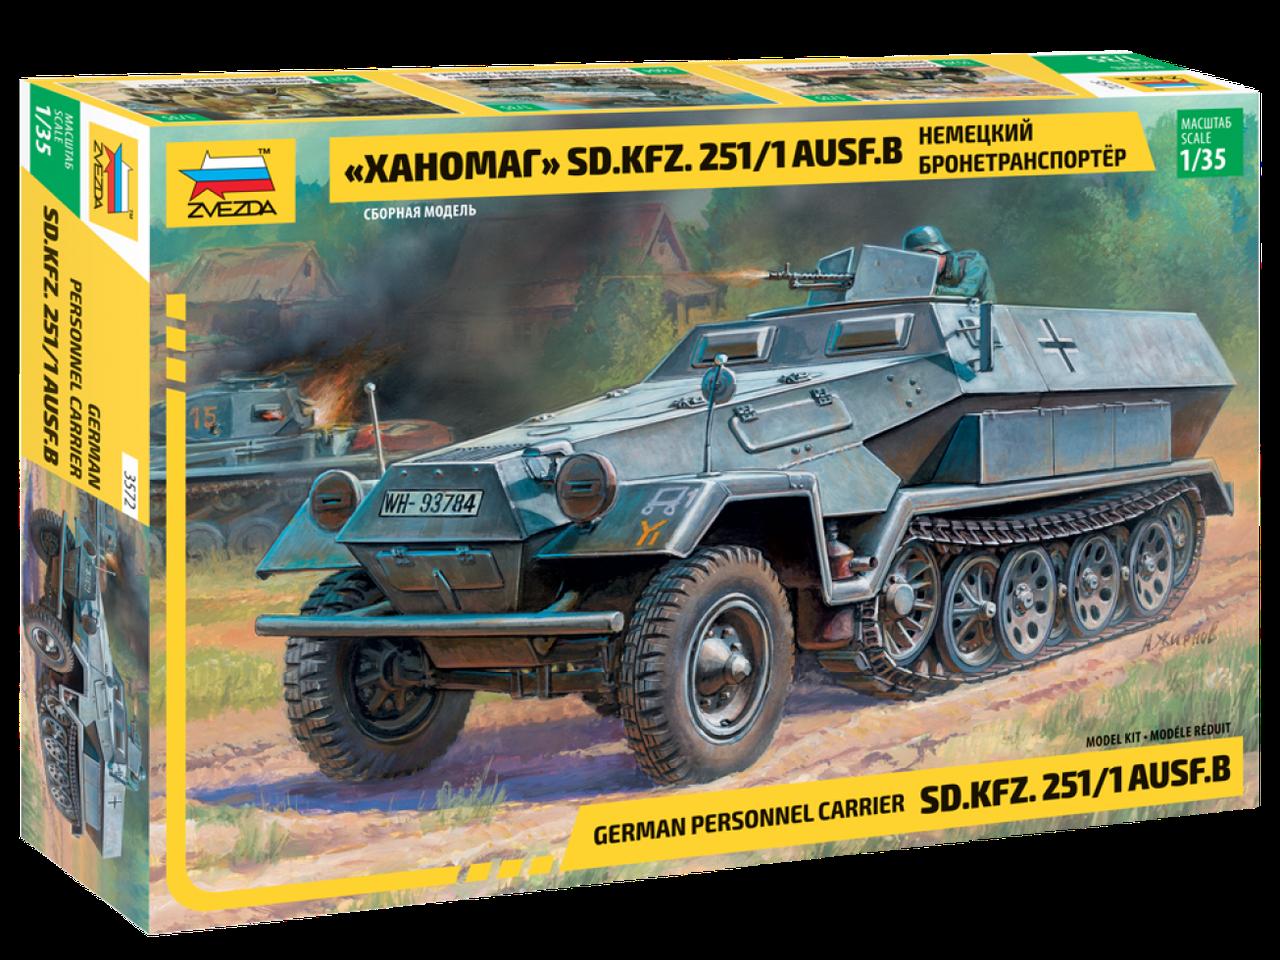 НЕМЕЦКИЙ БРОНЕТРАНСПОРТЕР SdKfz 251/1 «Ханомаг». 1/35 ZVEZDA 3572